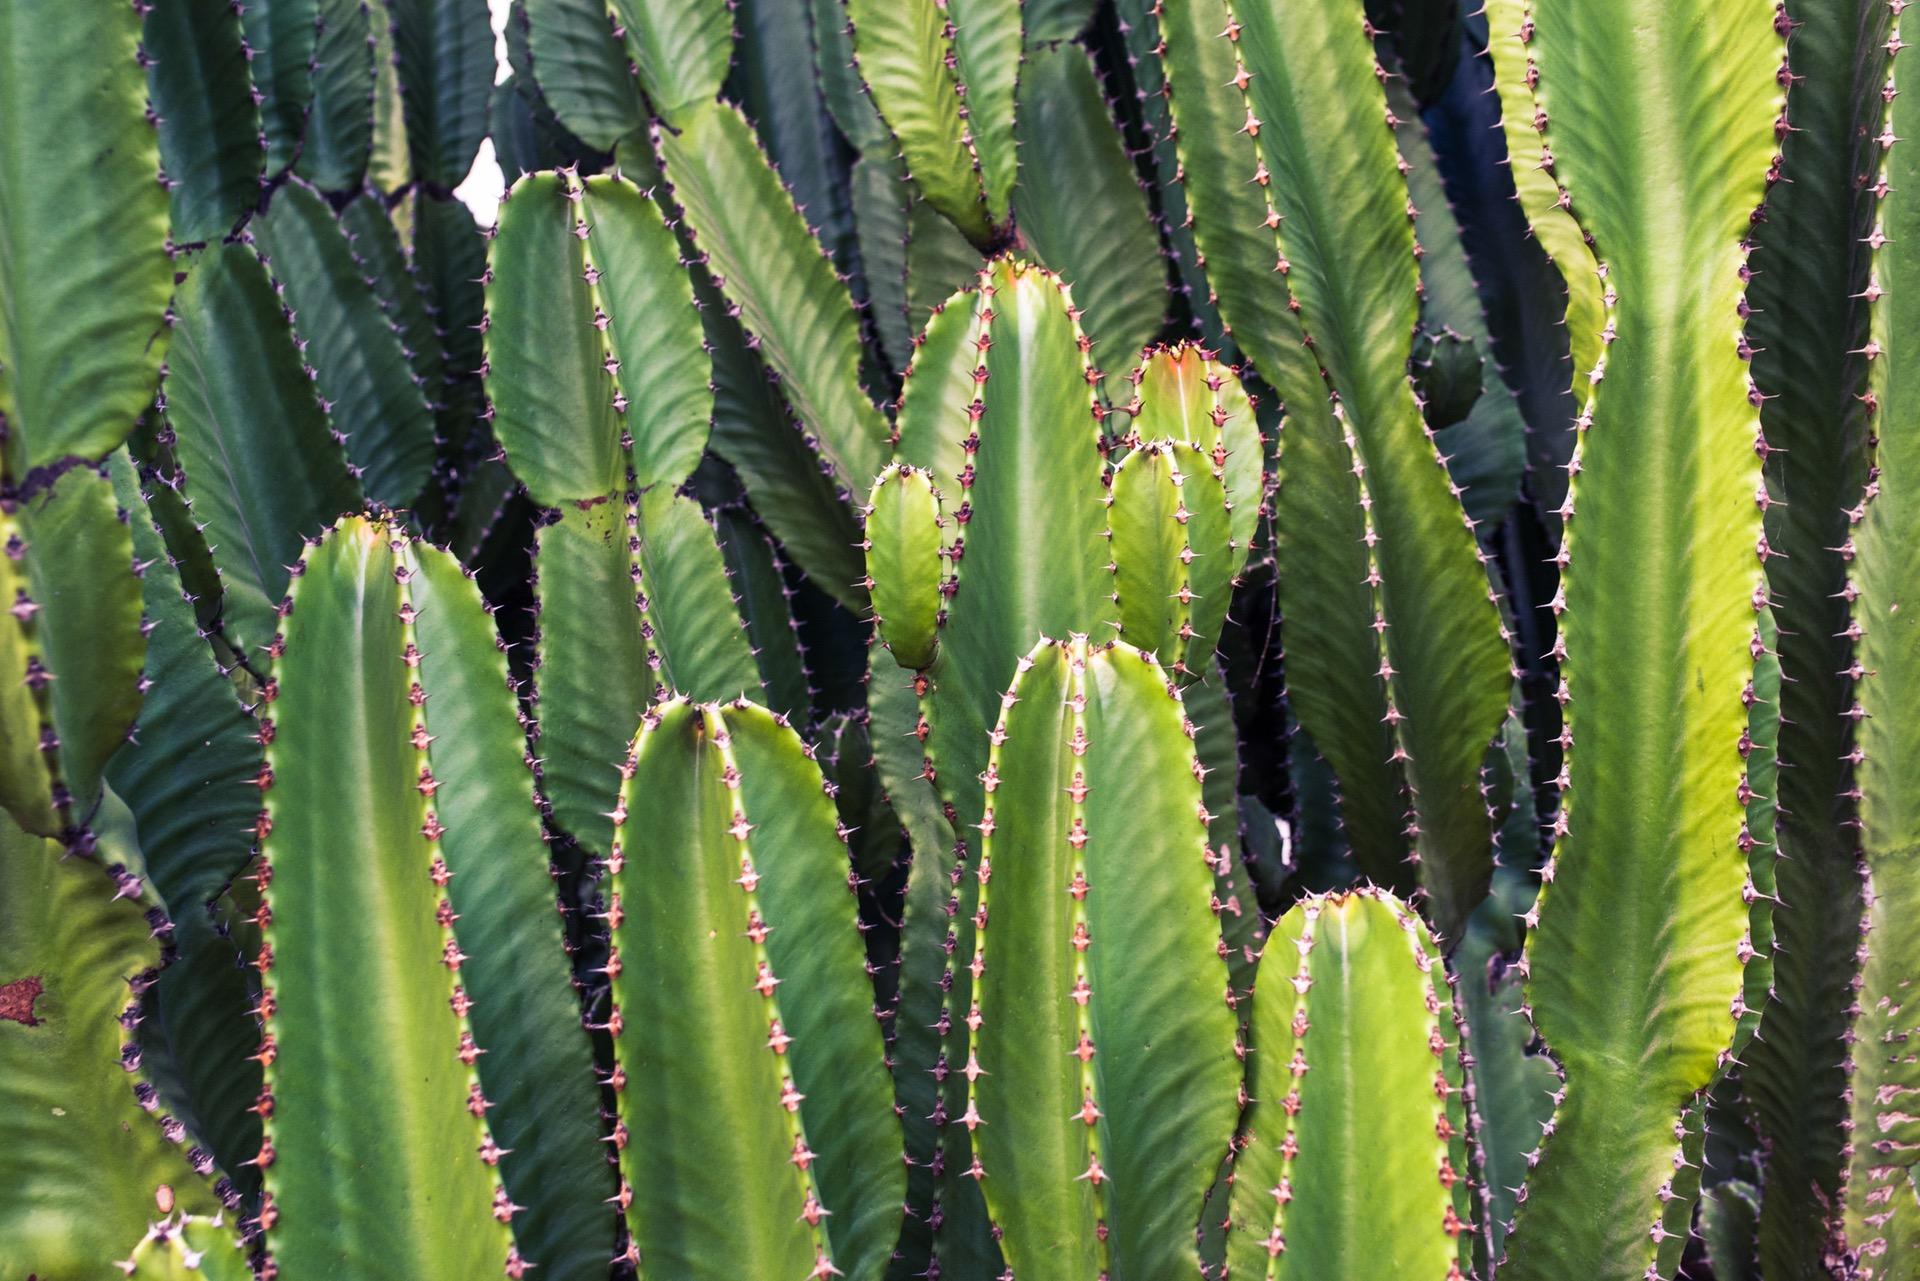 ผลการค้นหารูปภาพสำหรับ cactus